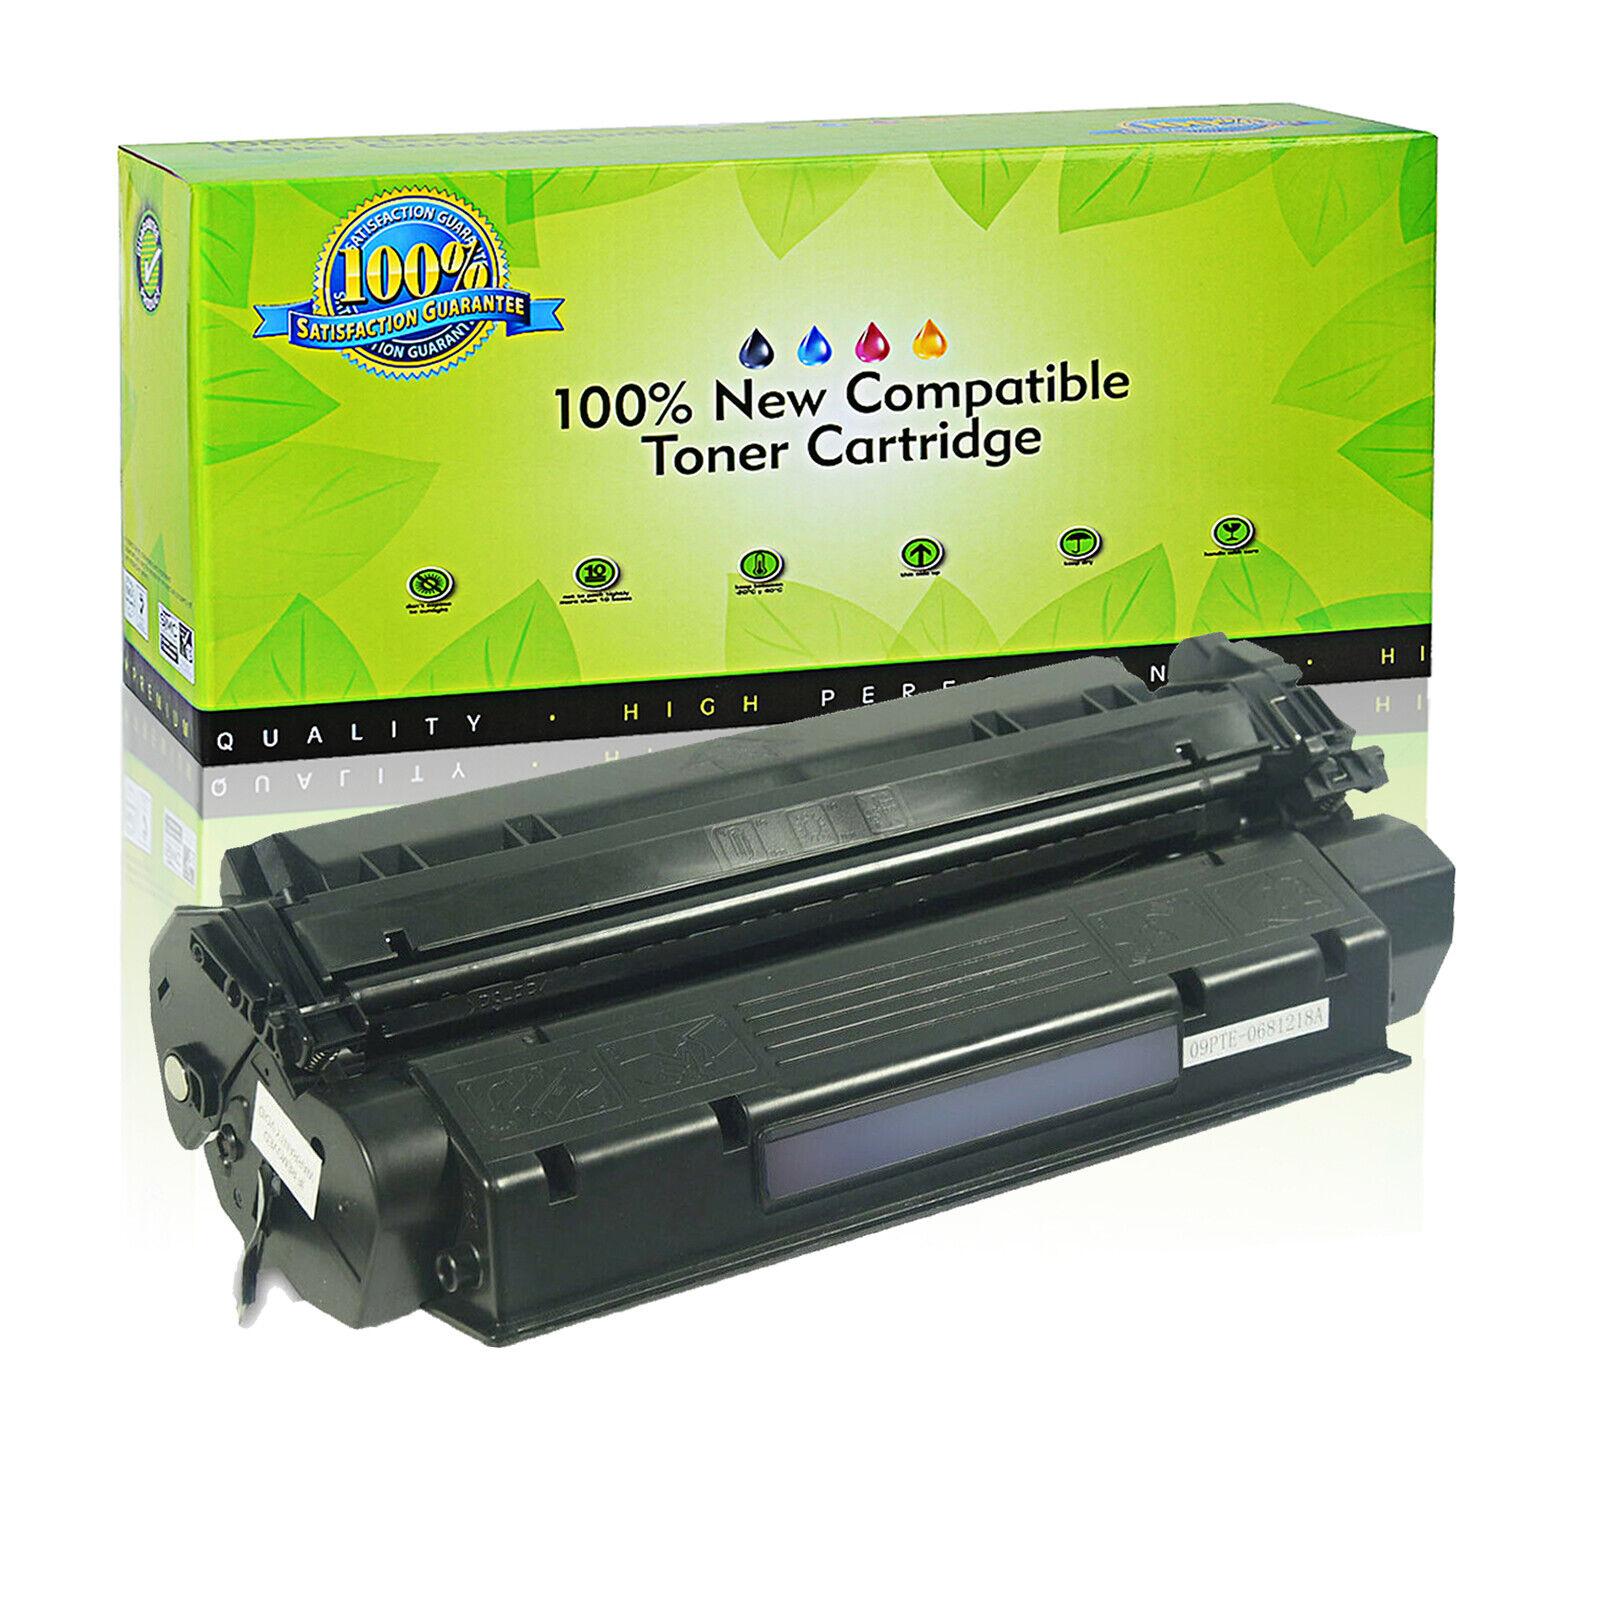 5PK New Compatible C7115A 15A Black Toner for HP Laser 1200n LaserJet 1200 12